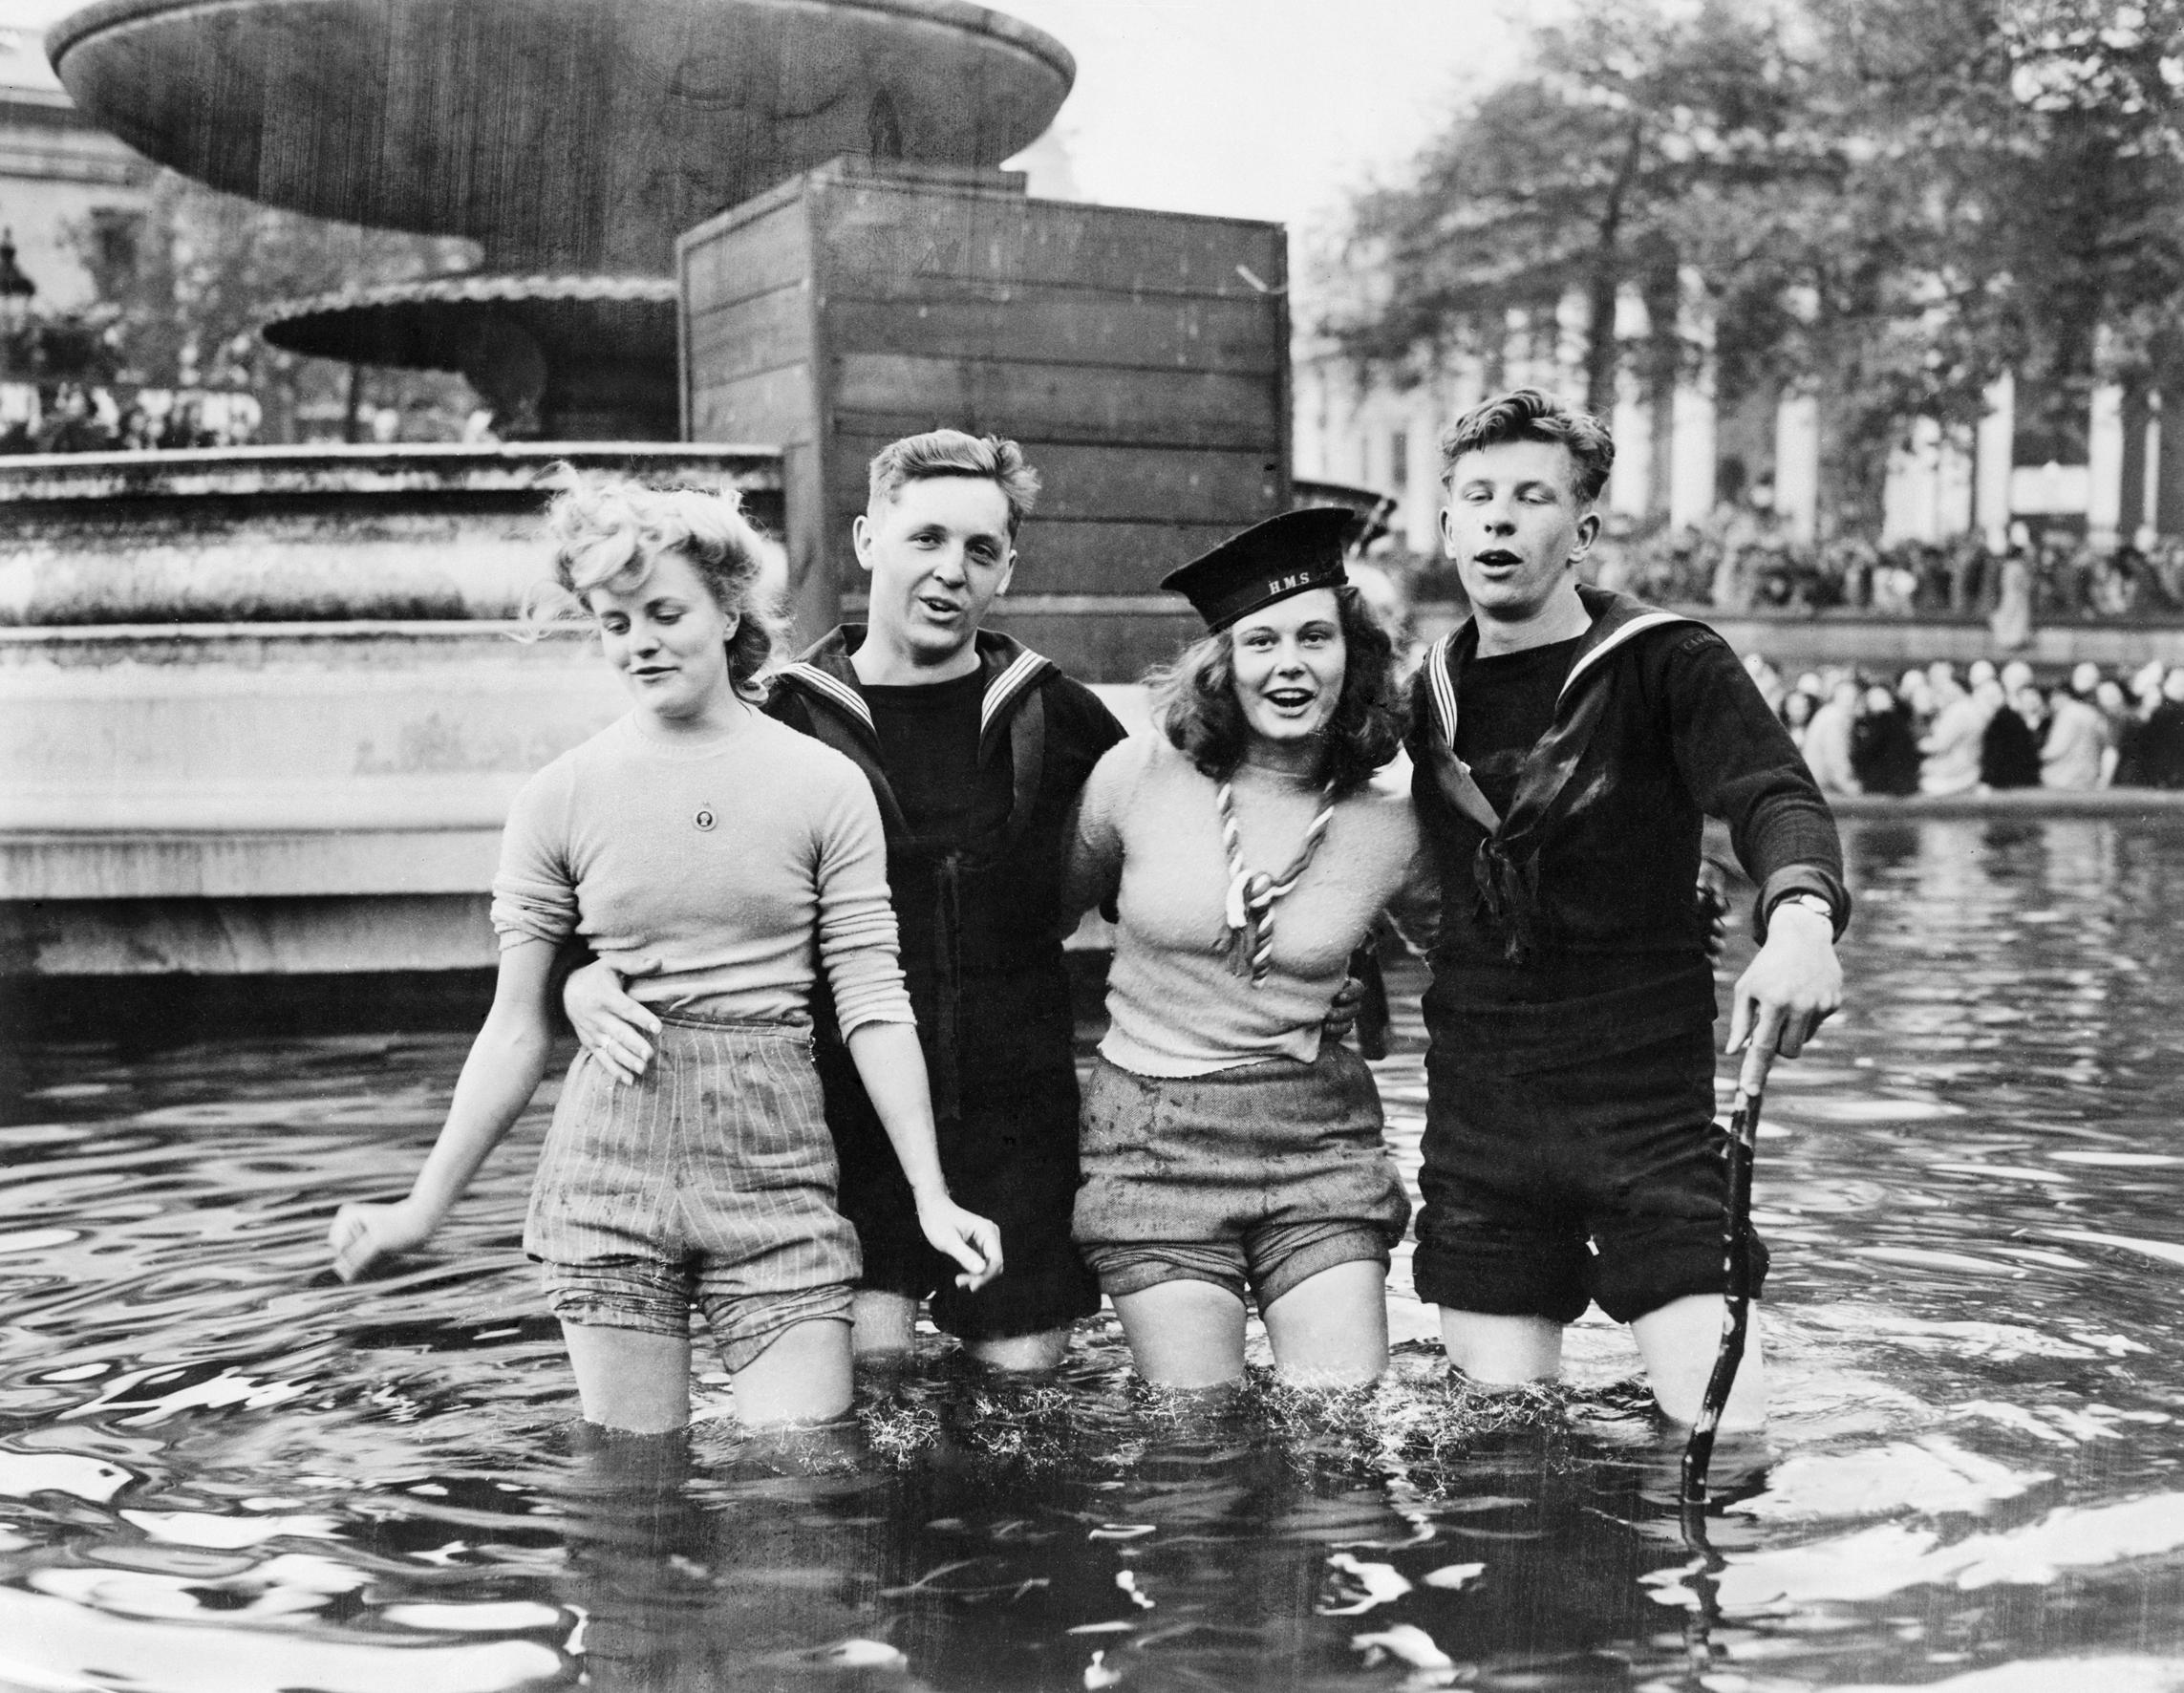 world war 2 - photo #44